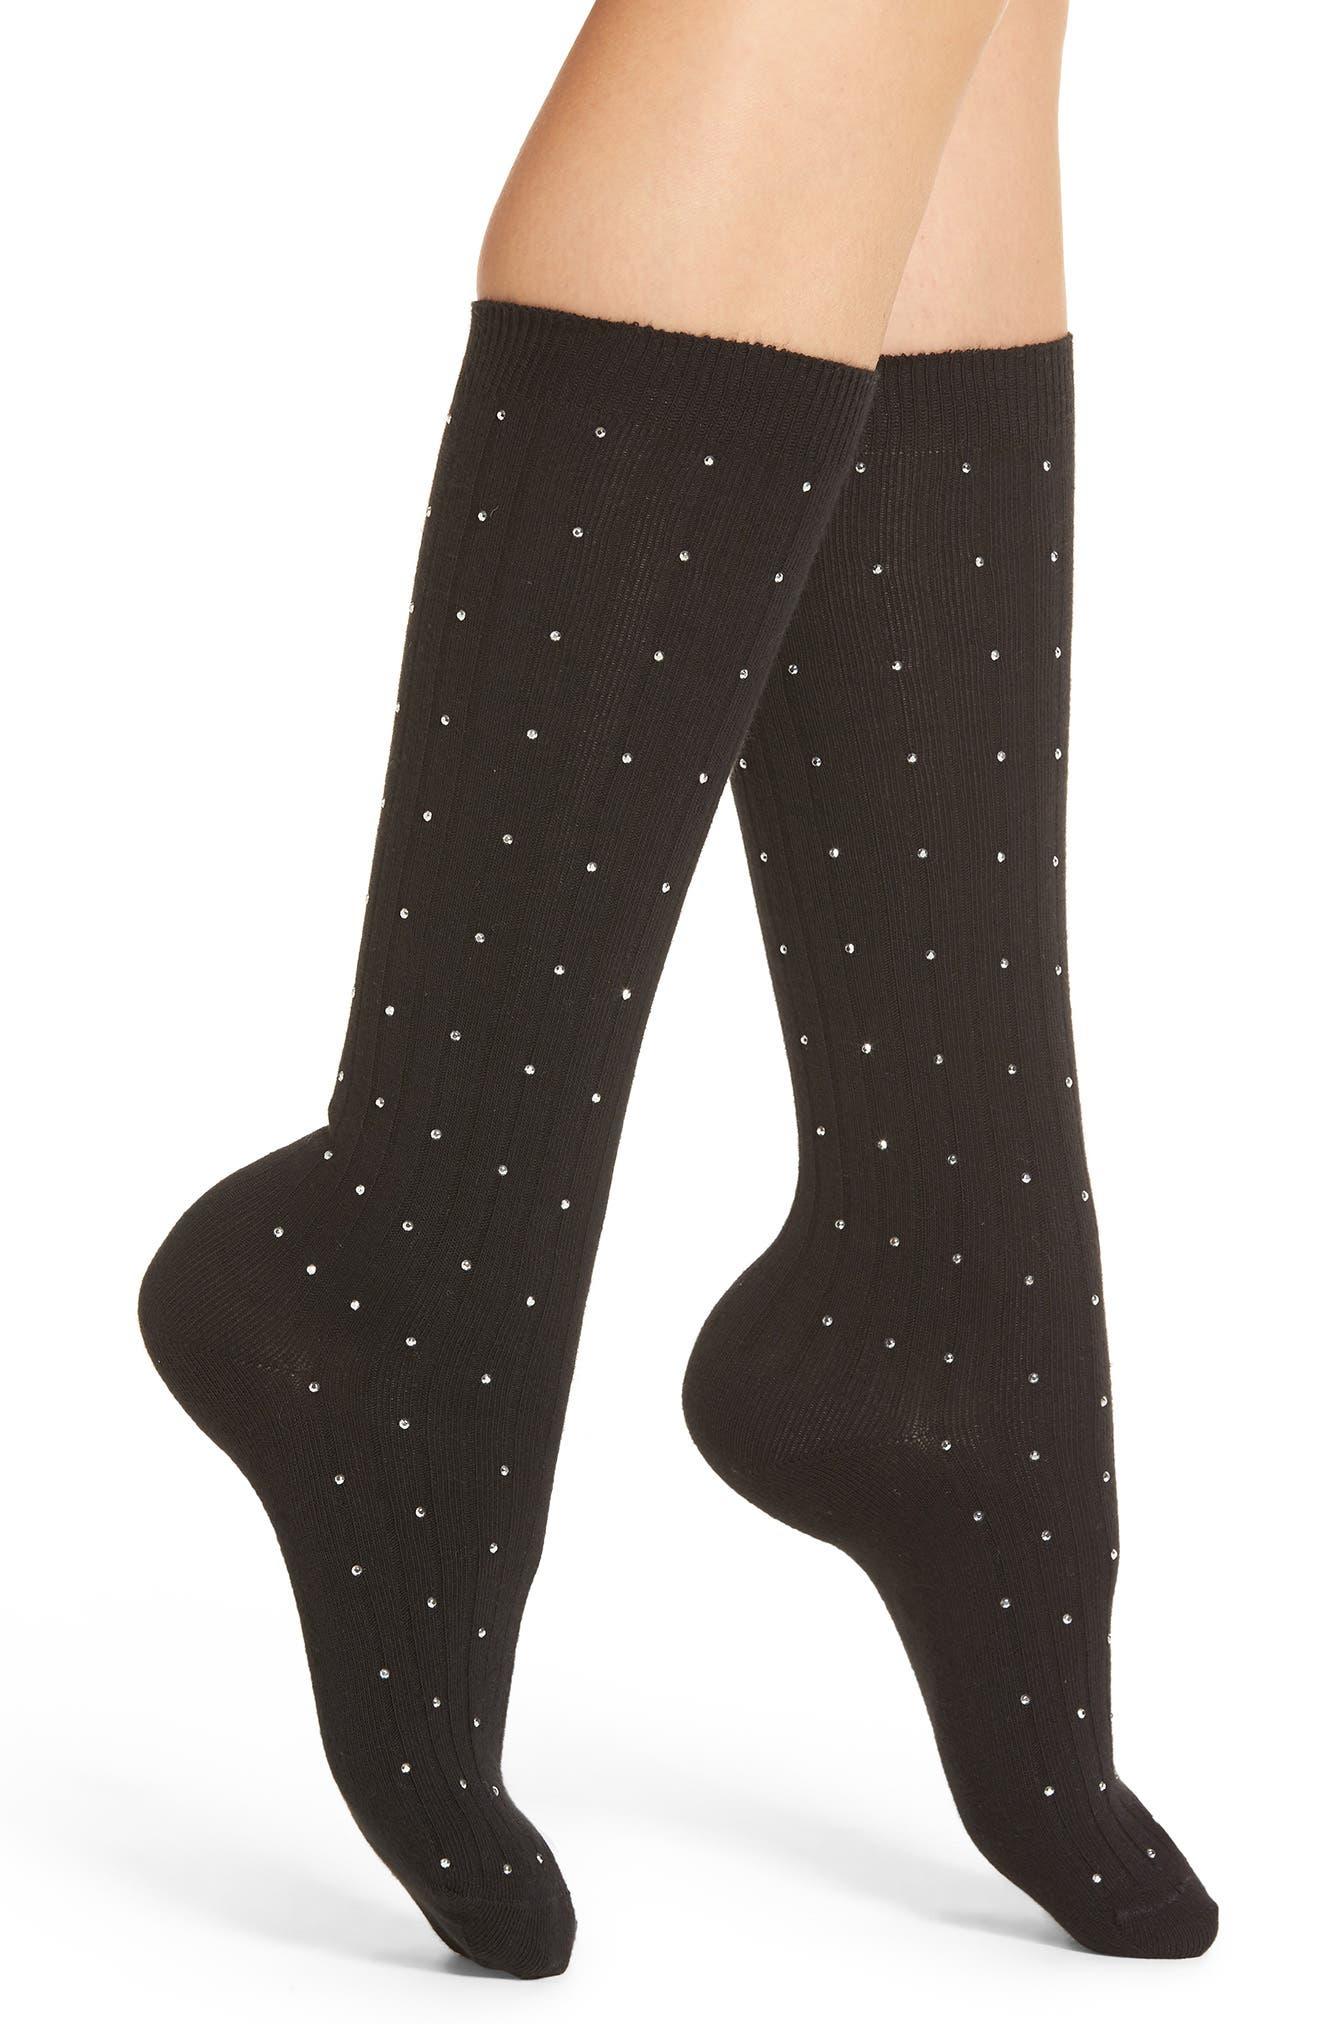 Tiny Diamantes Socks,                         Main,                         color,